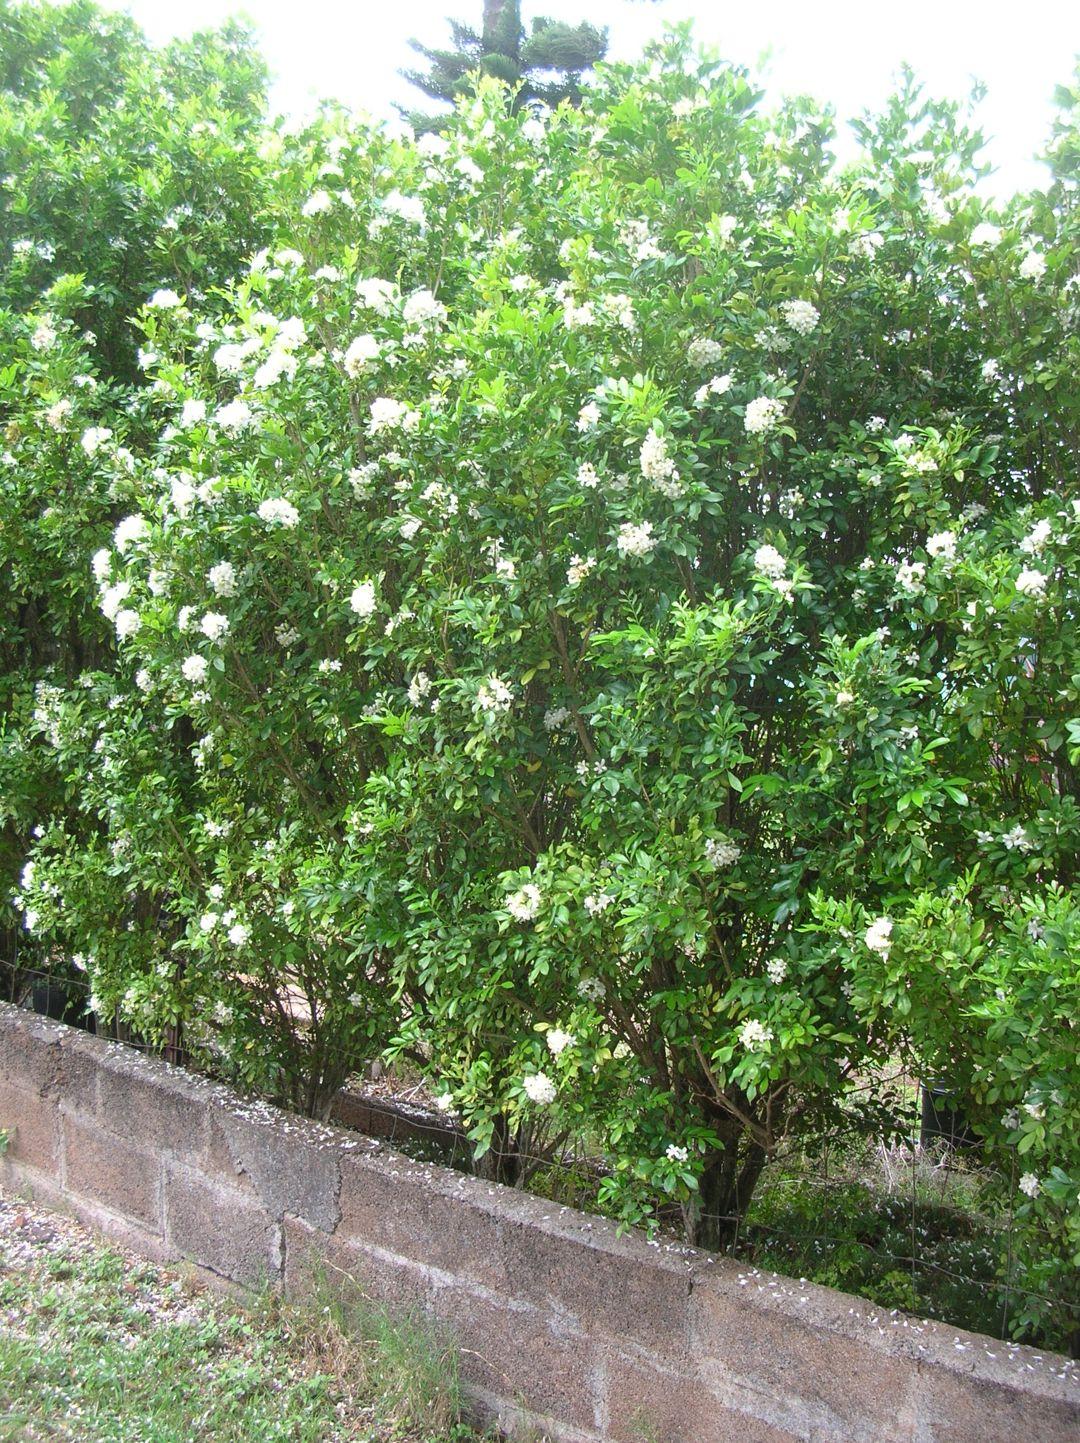 Tanaman Bunga Kemuning sebagai Pagar Rumah